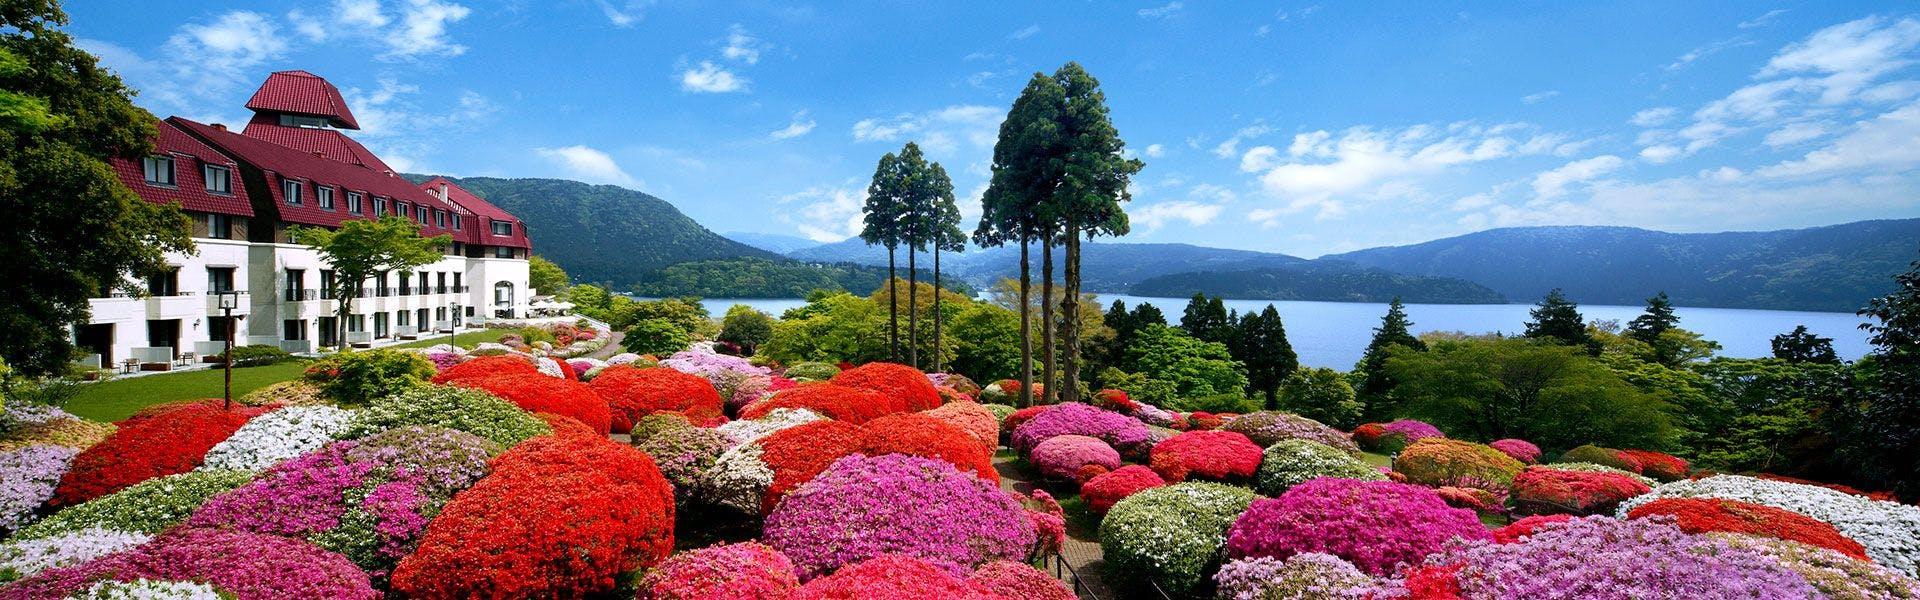 記念日におすすめのホテル・小田急 山のホテルの写真1